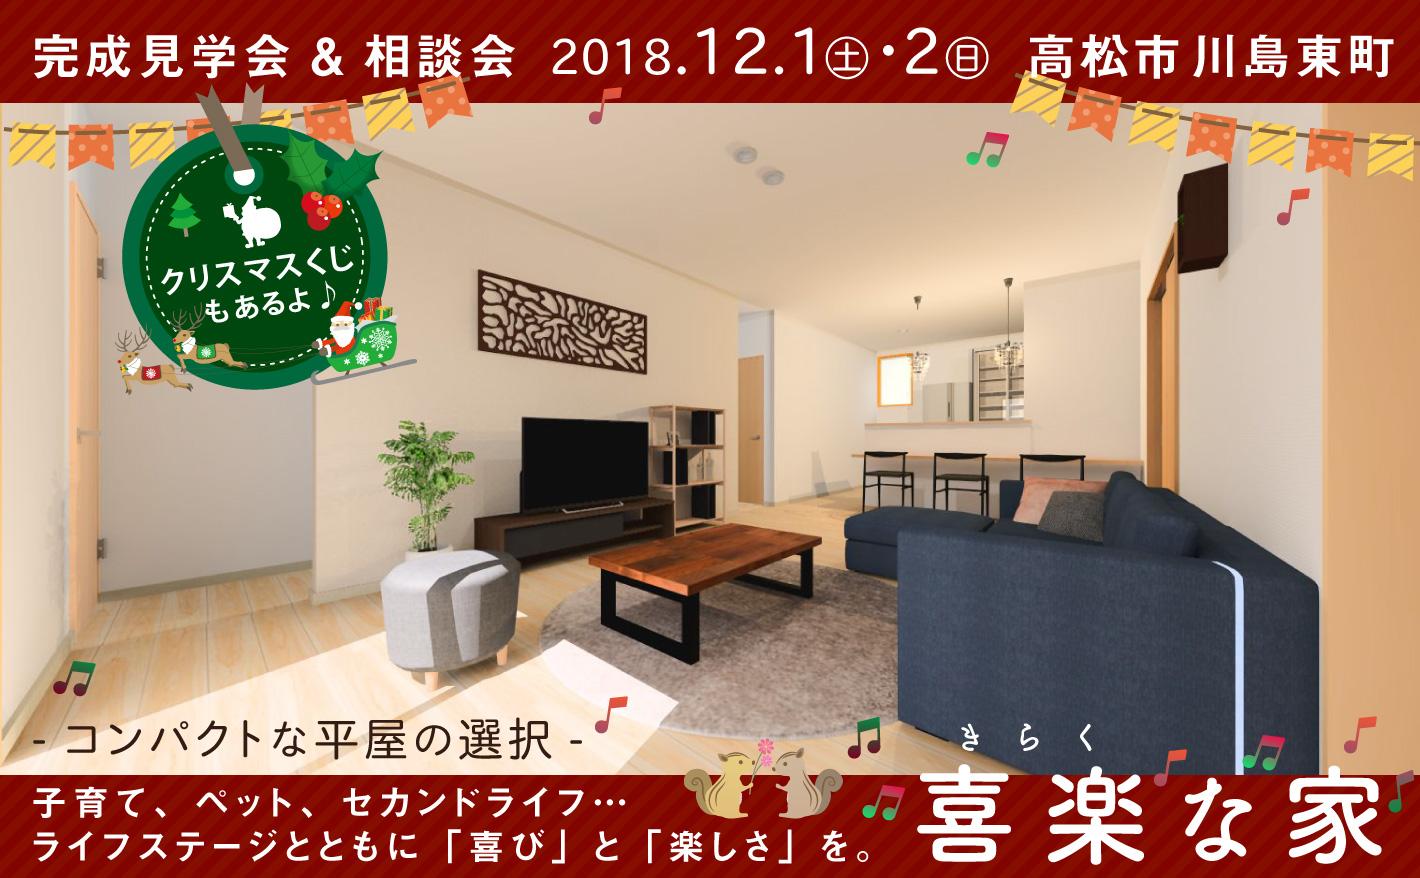 内覧会(高松市川島東町/2018.12.1-2)